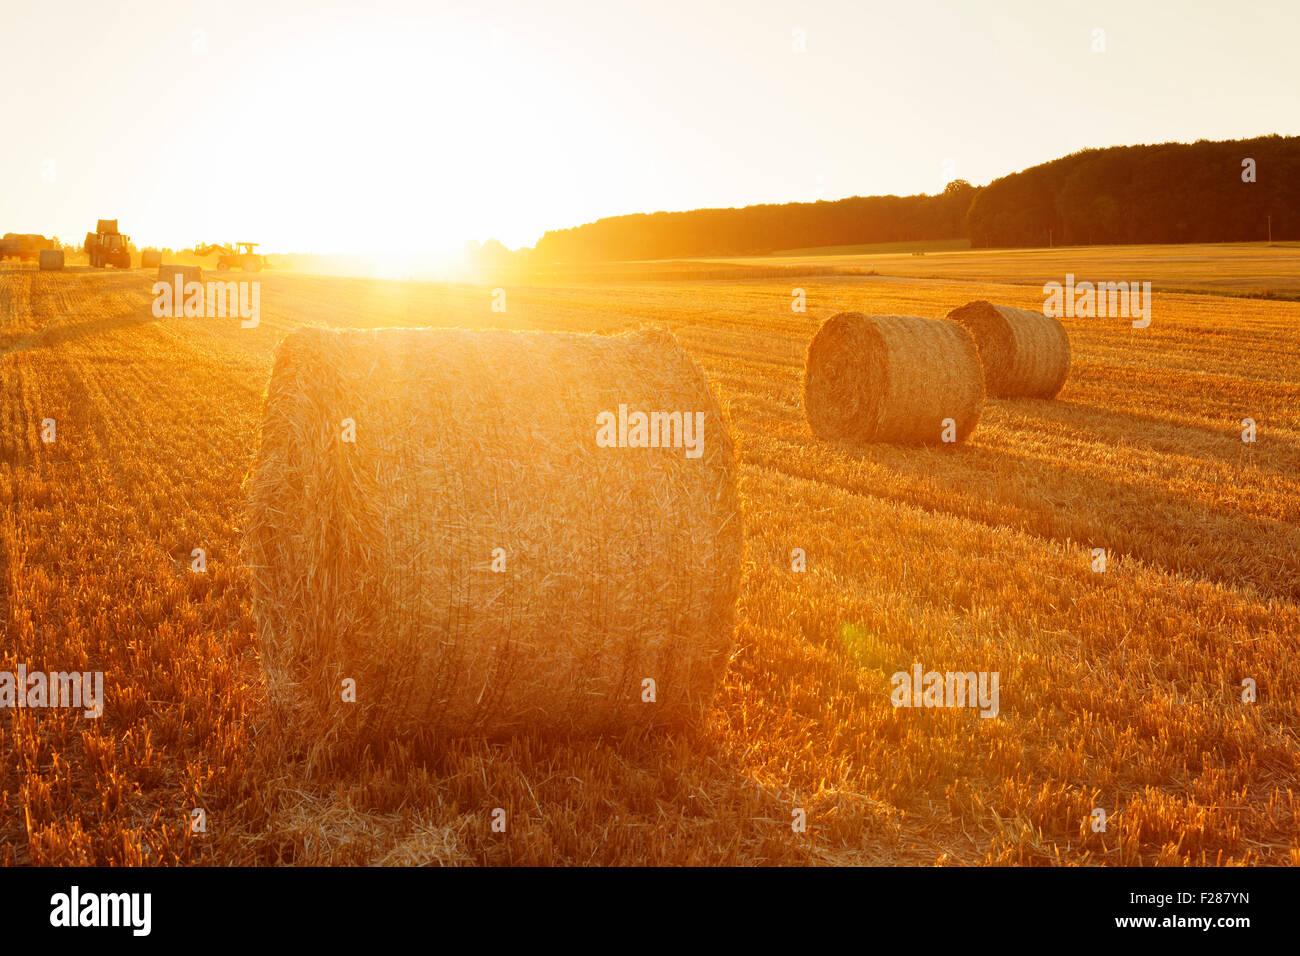 Heuballen bei Sonnenuntergang, schwäbischen Alb, Baden-Württemberg, Deutschland Stockbild